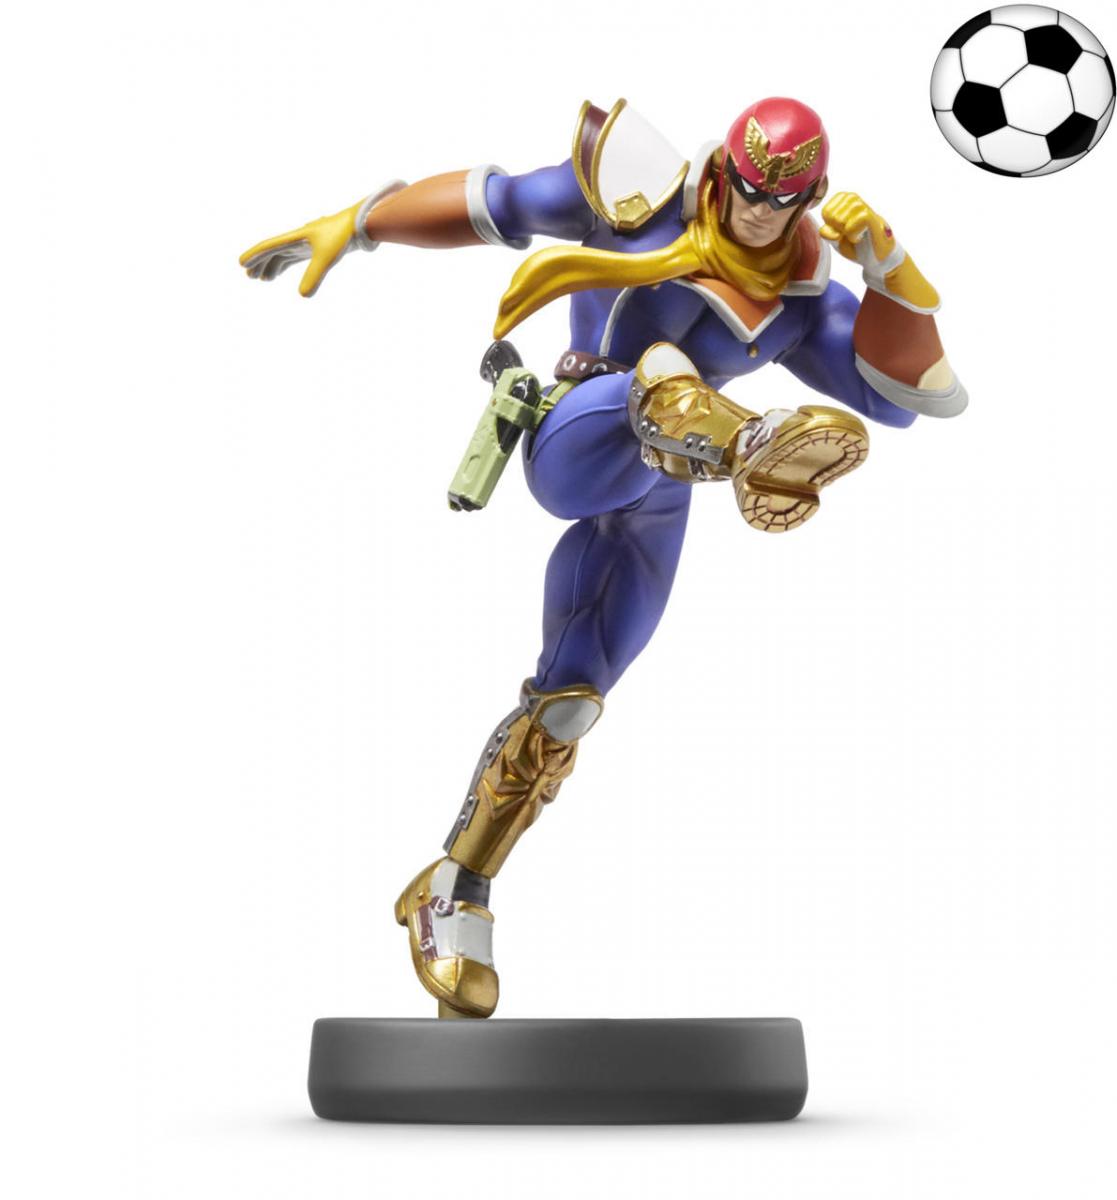 Captain Falcon Soccer